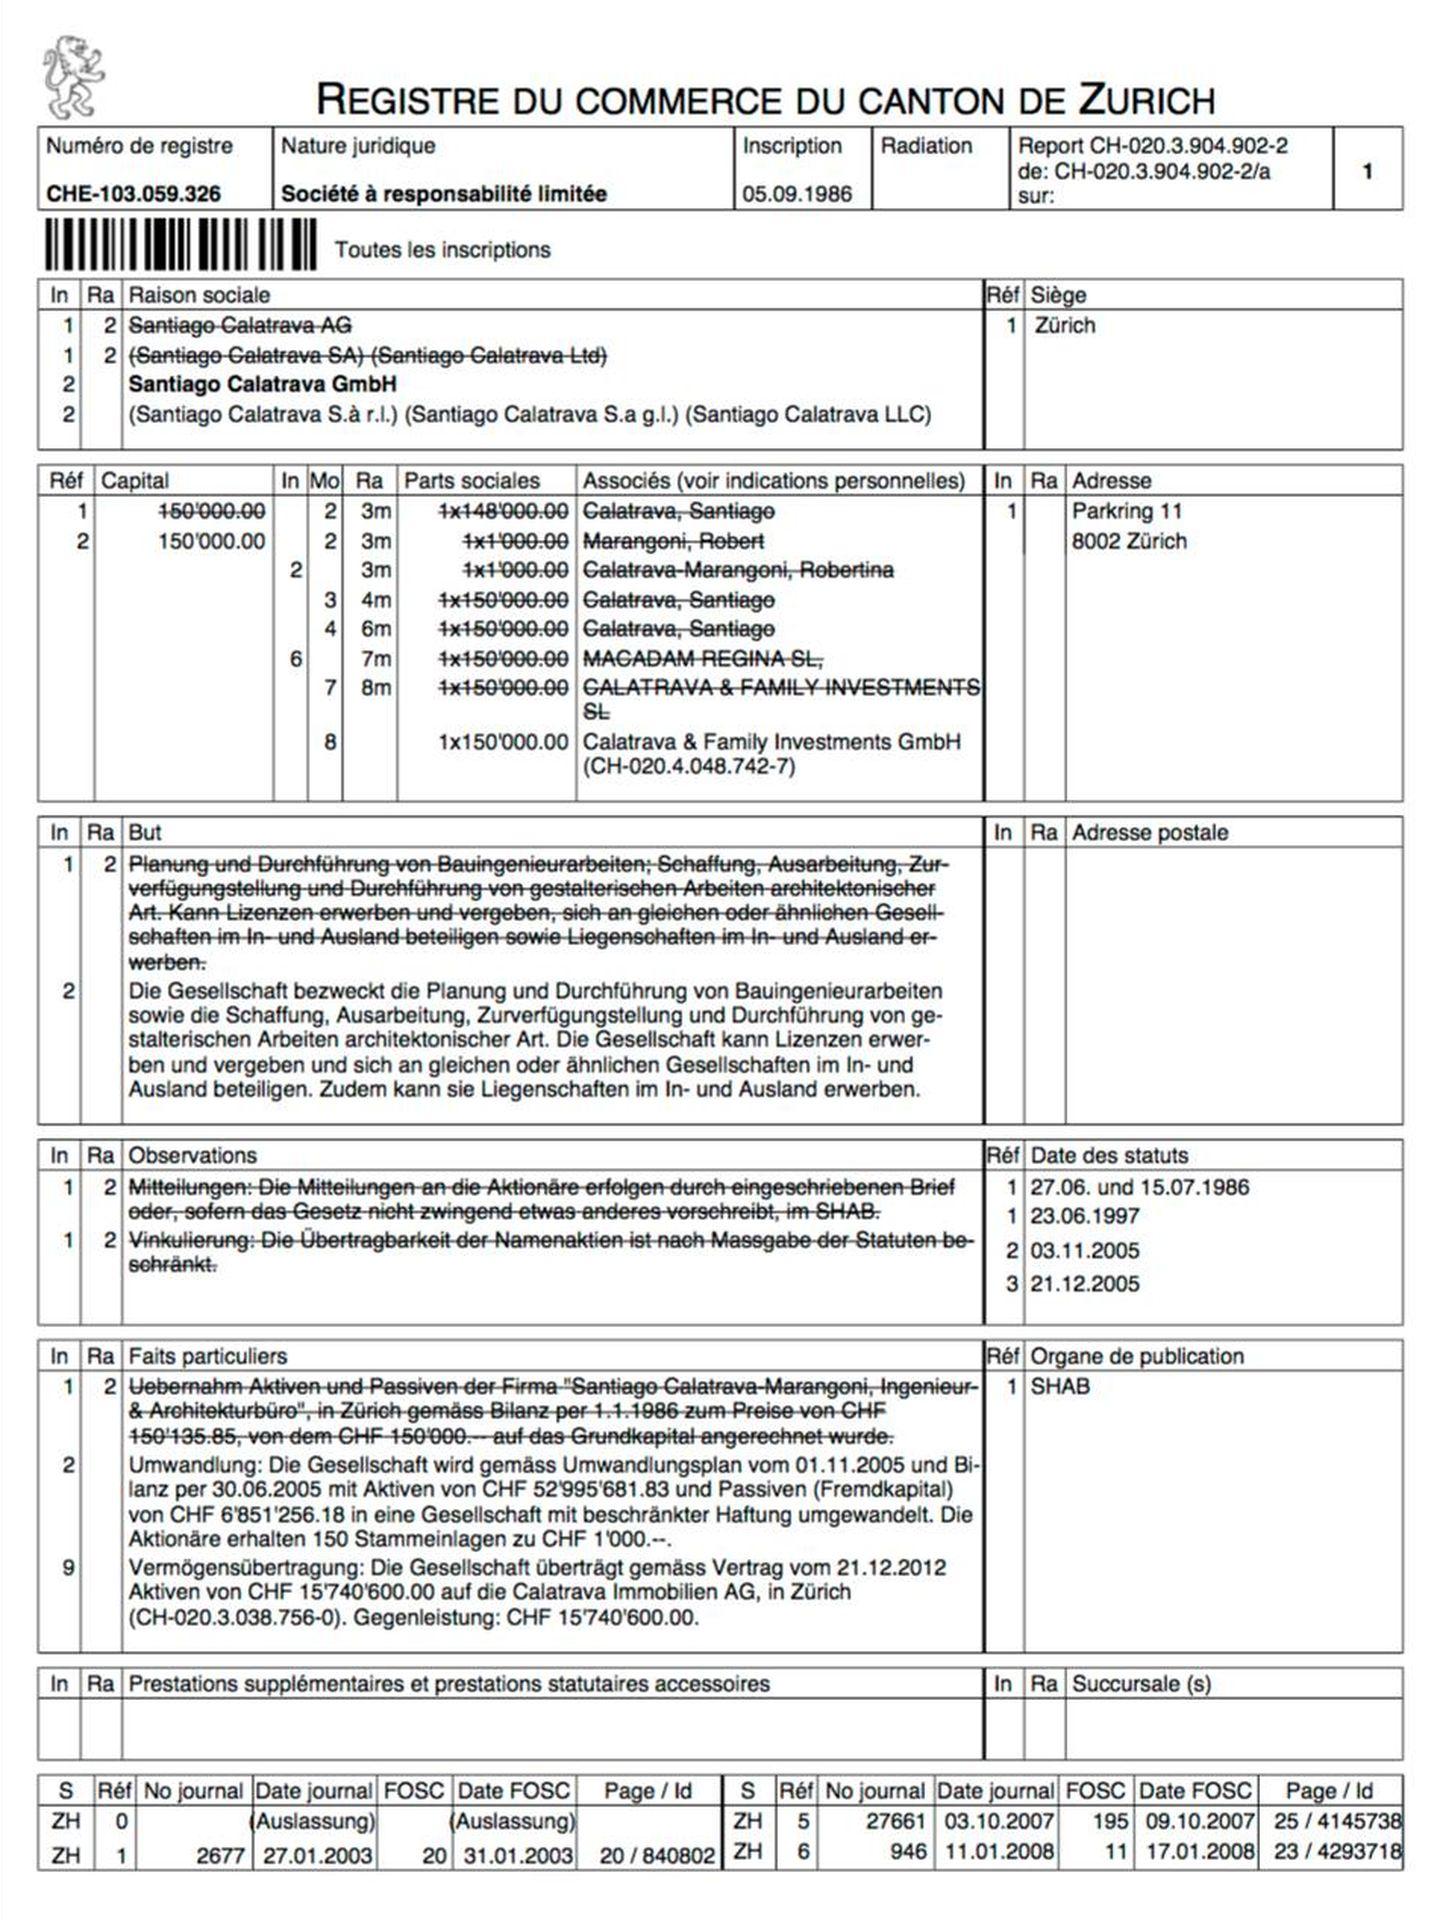 Inscripción de la sociedad Santiago Calatrava GmbH en el registro del Cantón de Zúrich.